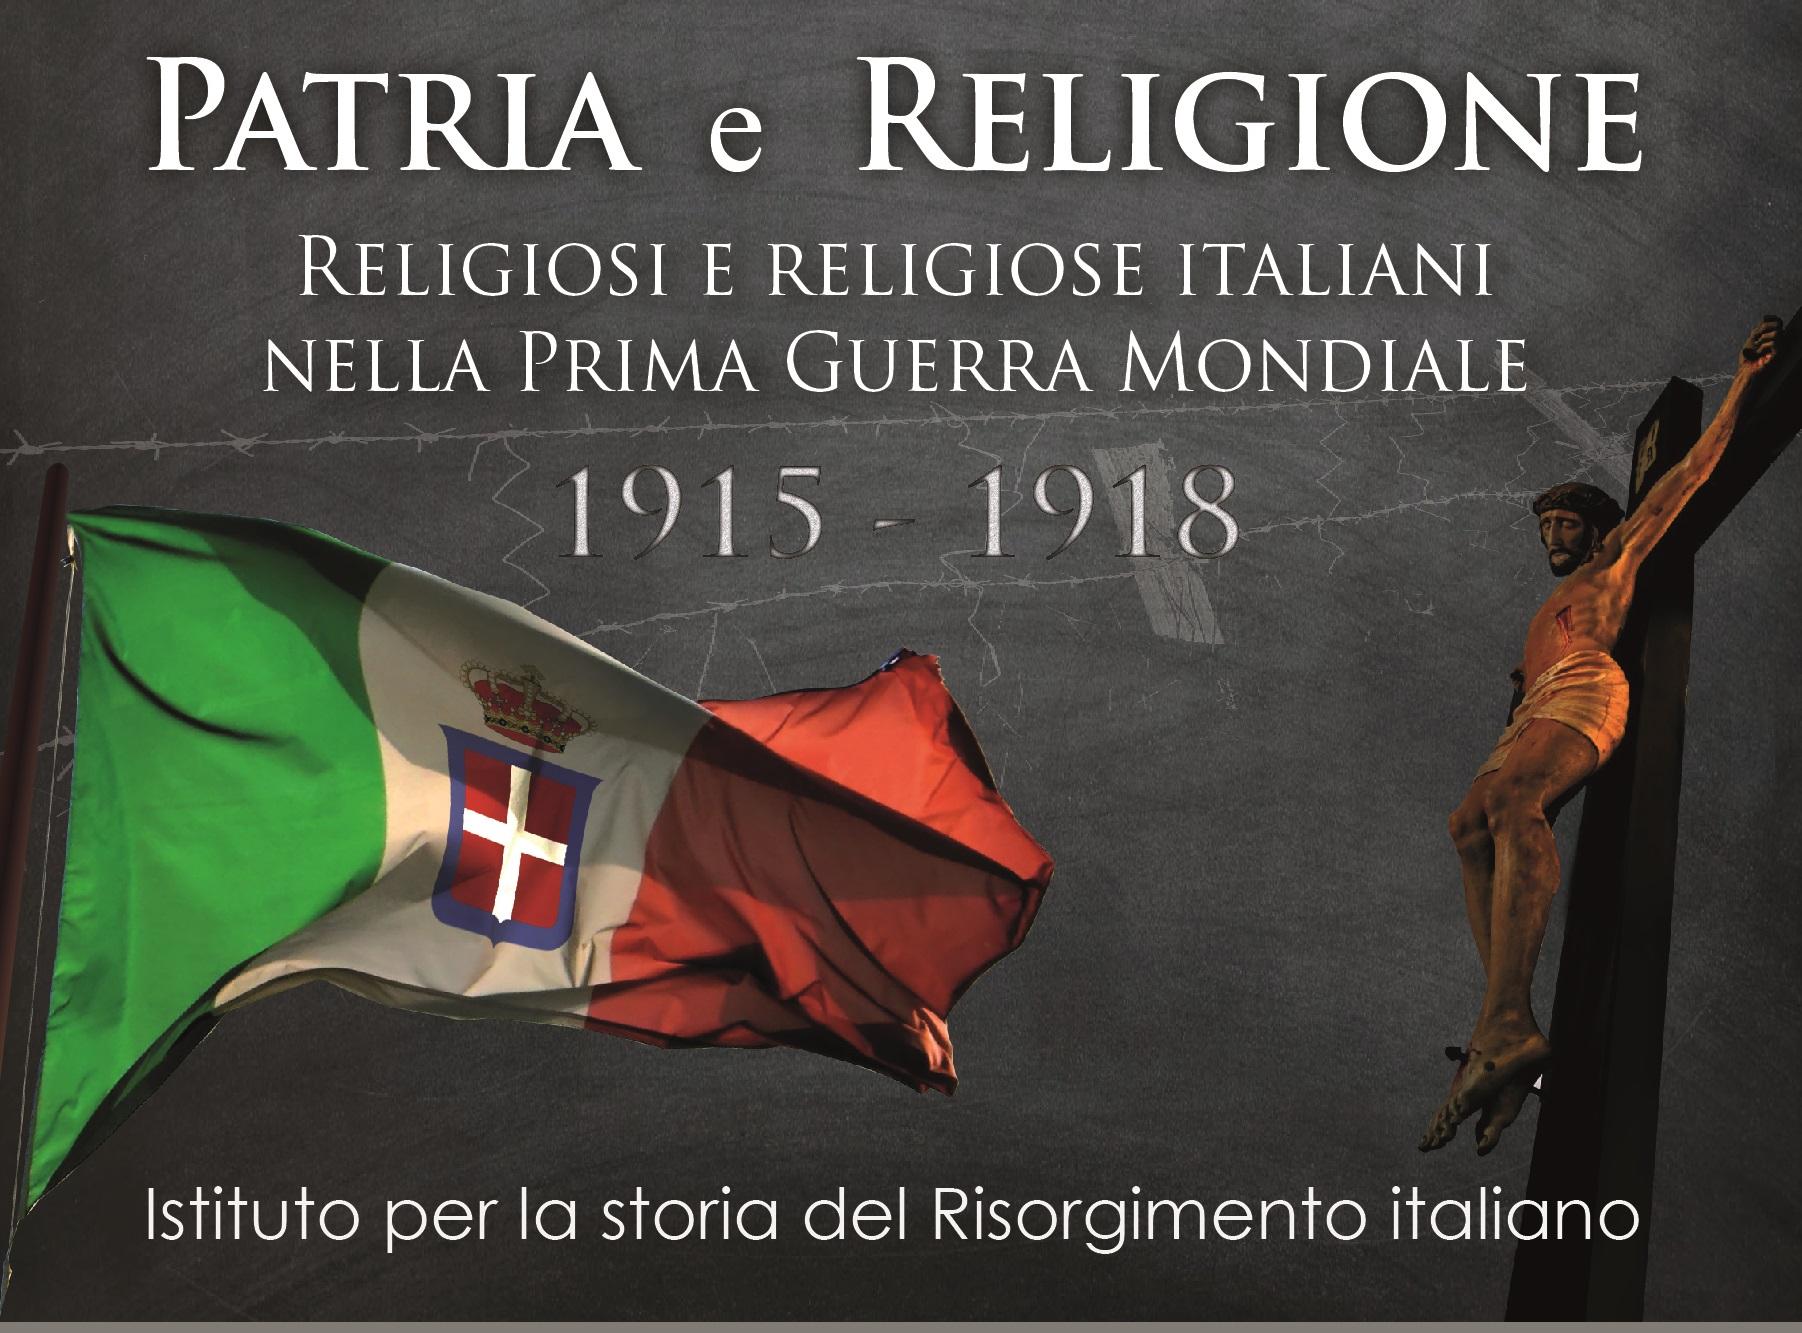 patria-e-religione-volantino